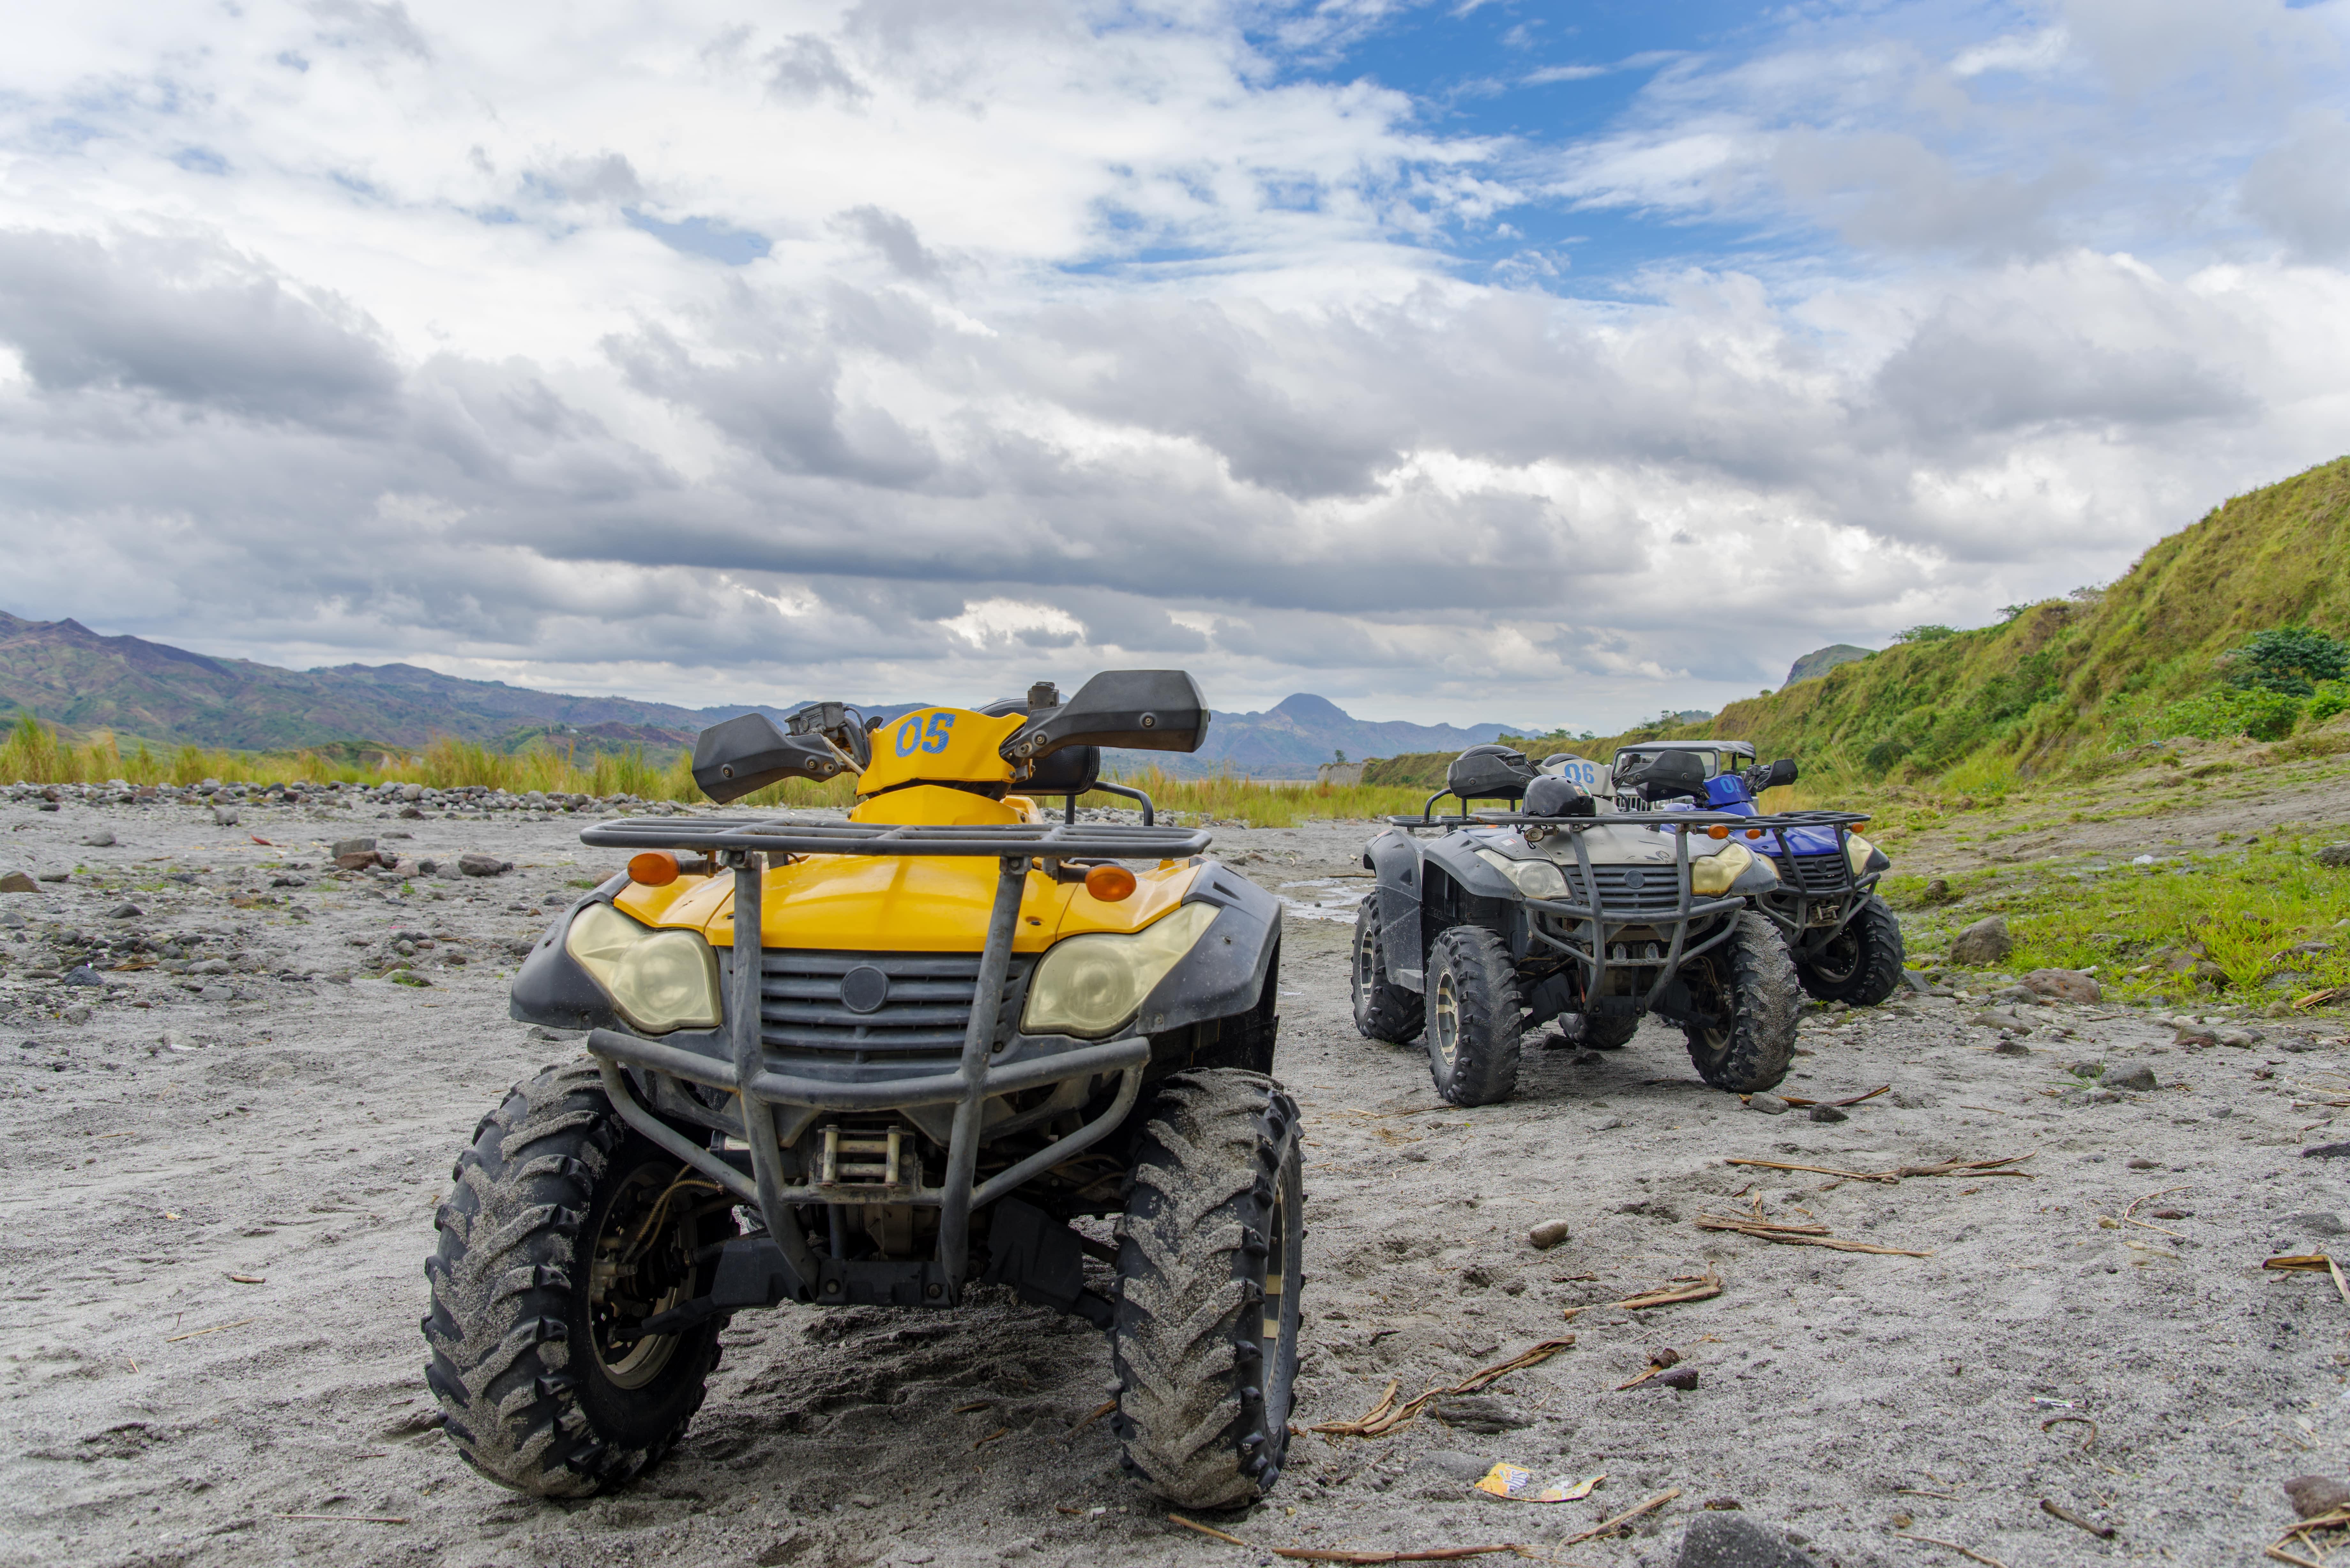 4x4 ATVs in Mt. Pinatubo